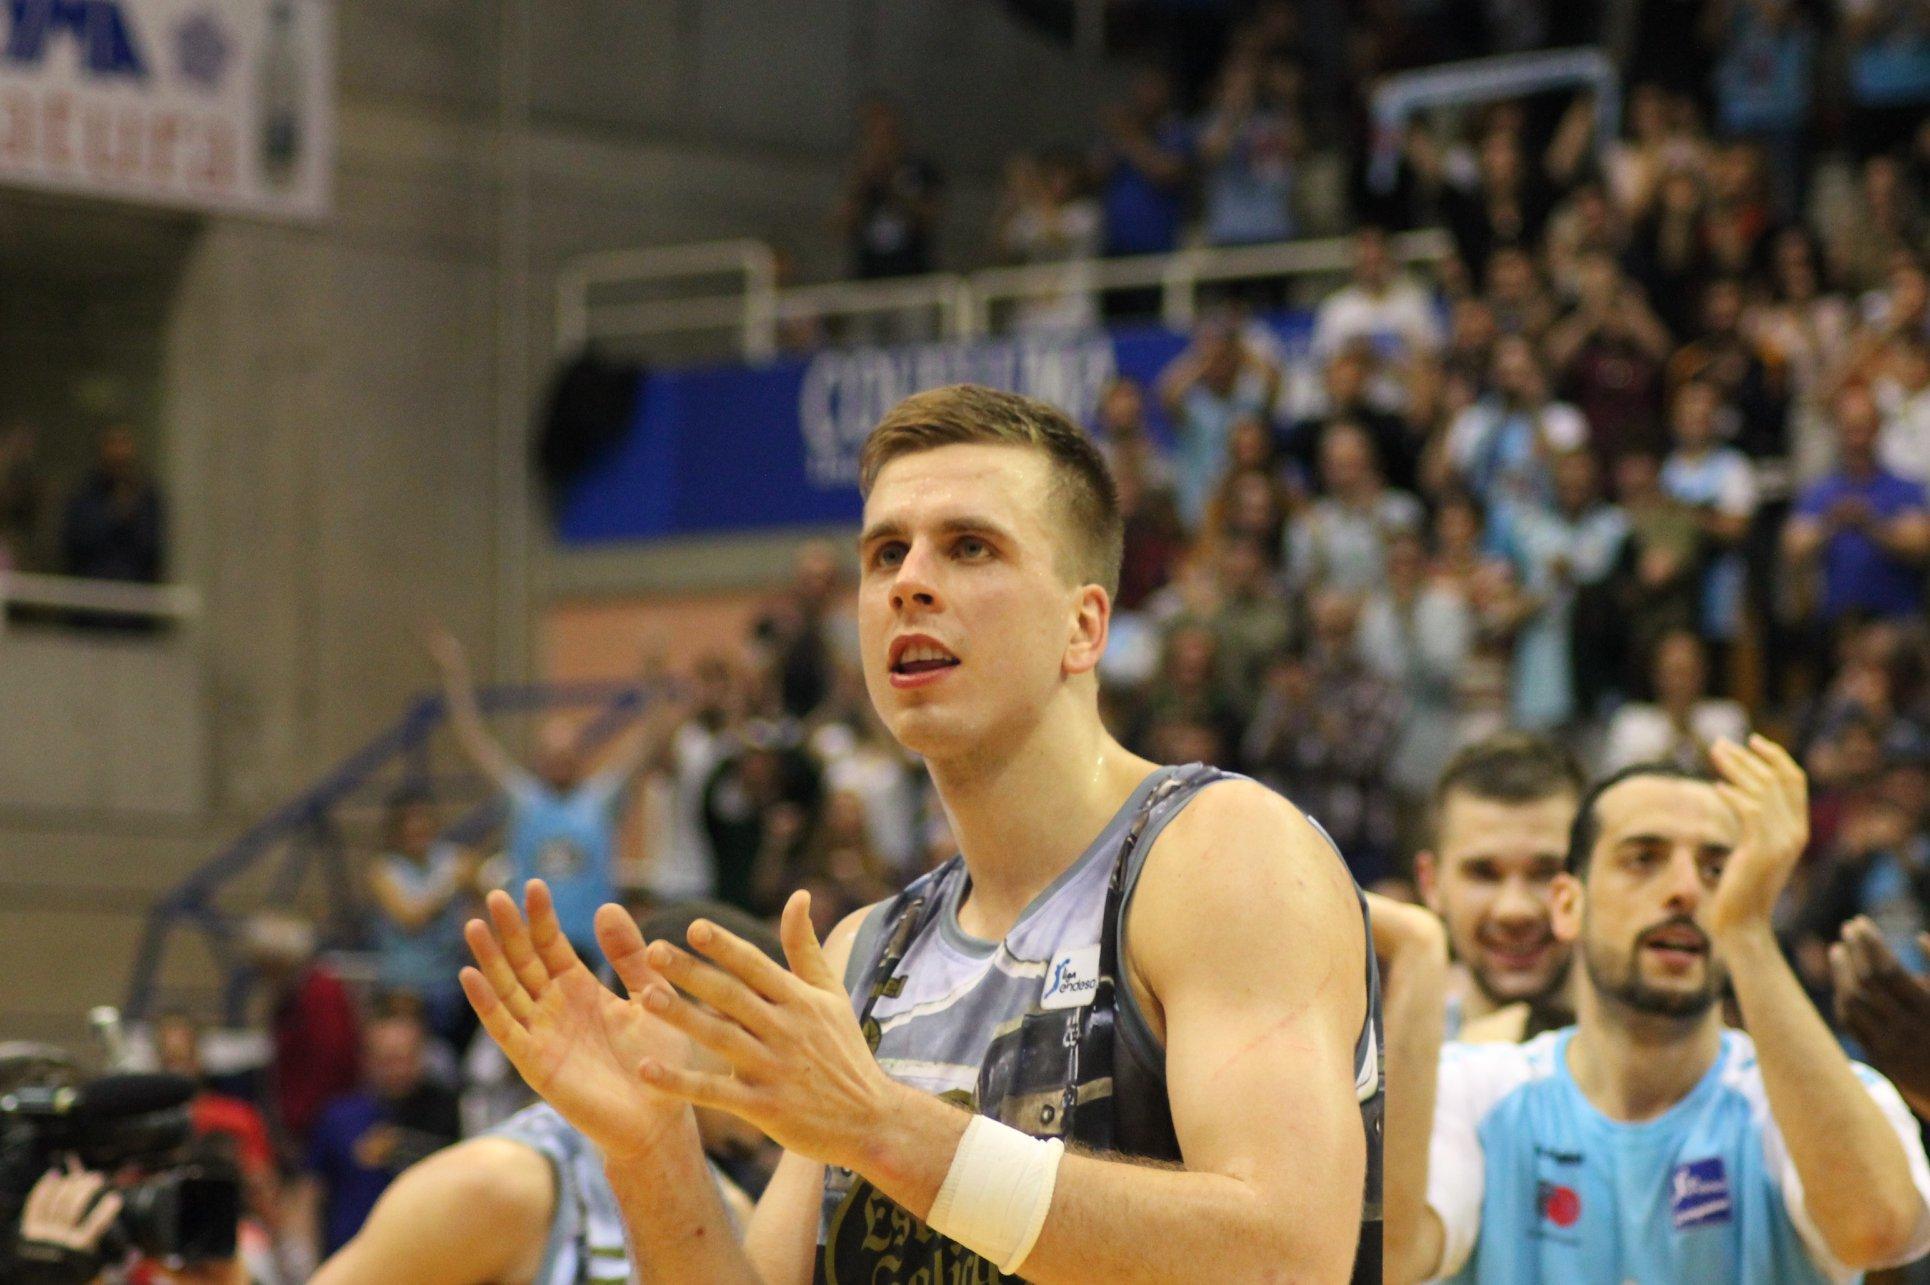 Українець претендує на титул MVP чемпіонату Іспанії і посідає друге місце в опитуванні